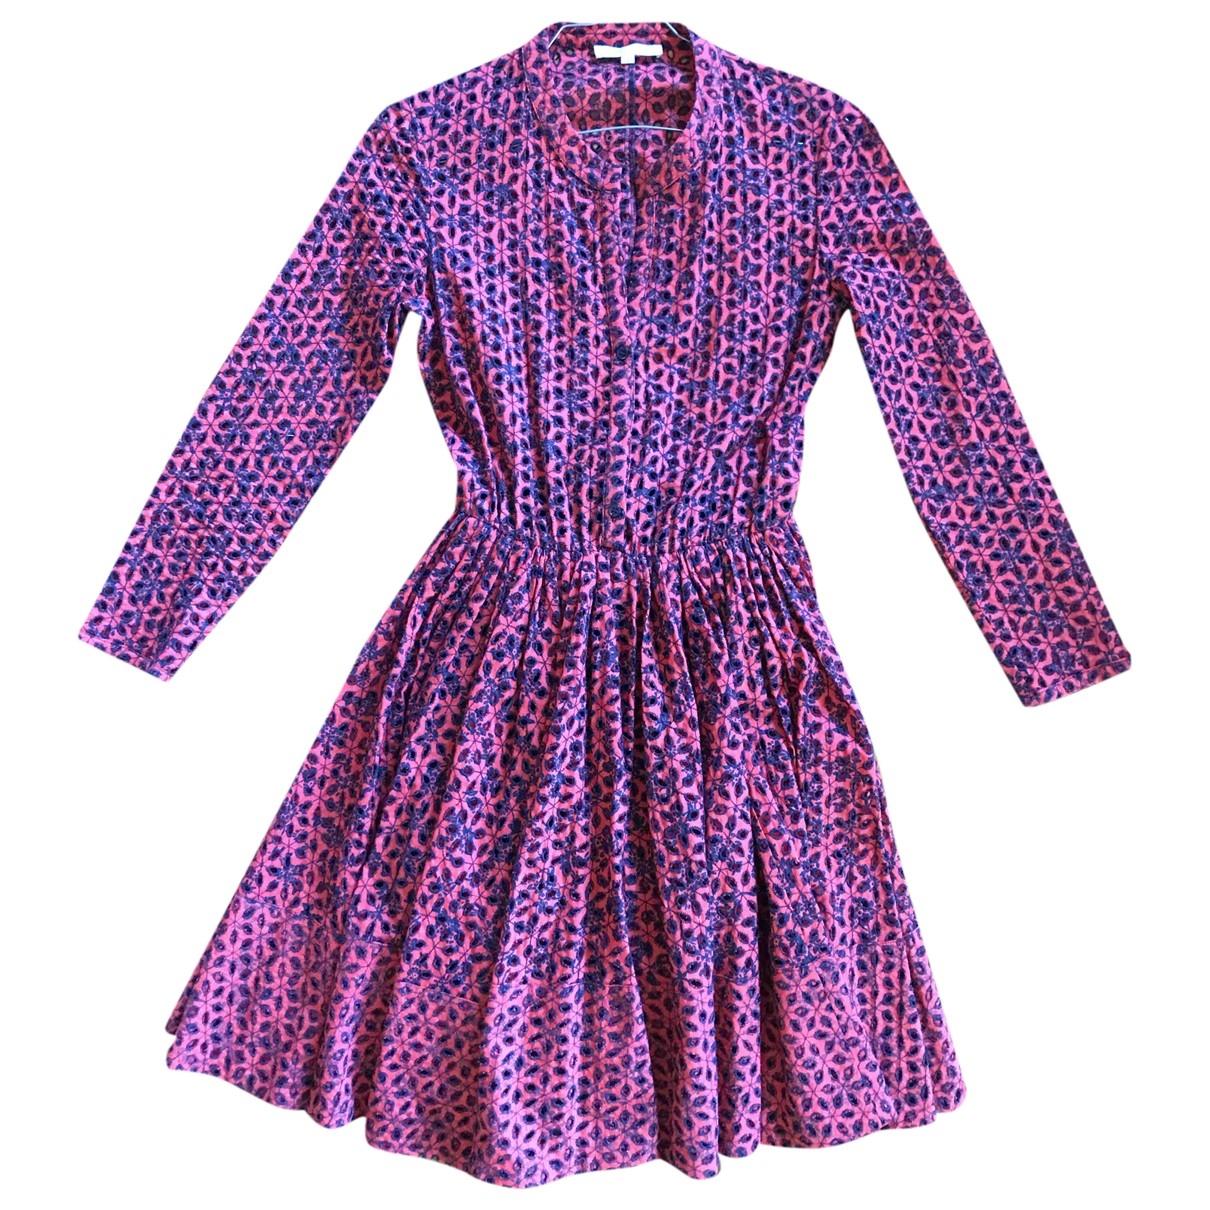 Maje \N Kleid in Baumwolle